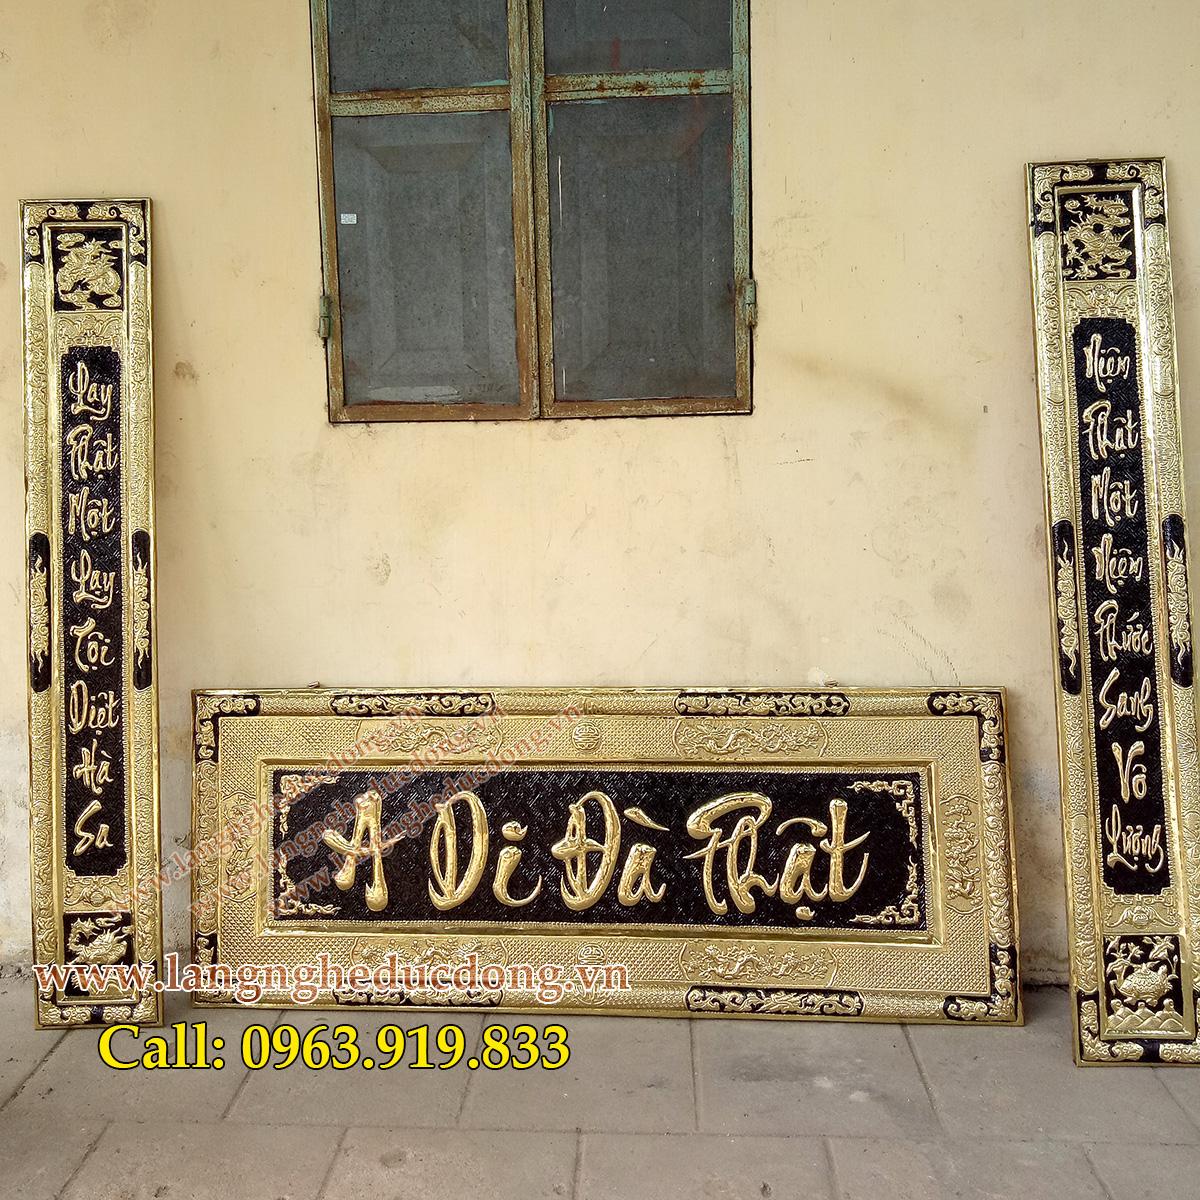 langngheducdong.vn - đồ thờ cúng bằng đồng, hoành phi câu đối bằng đồng